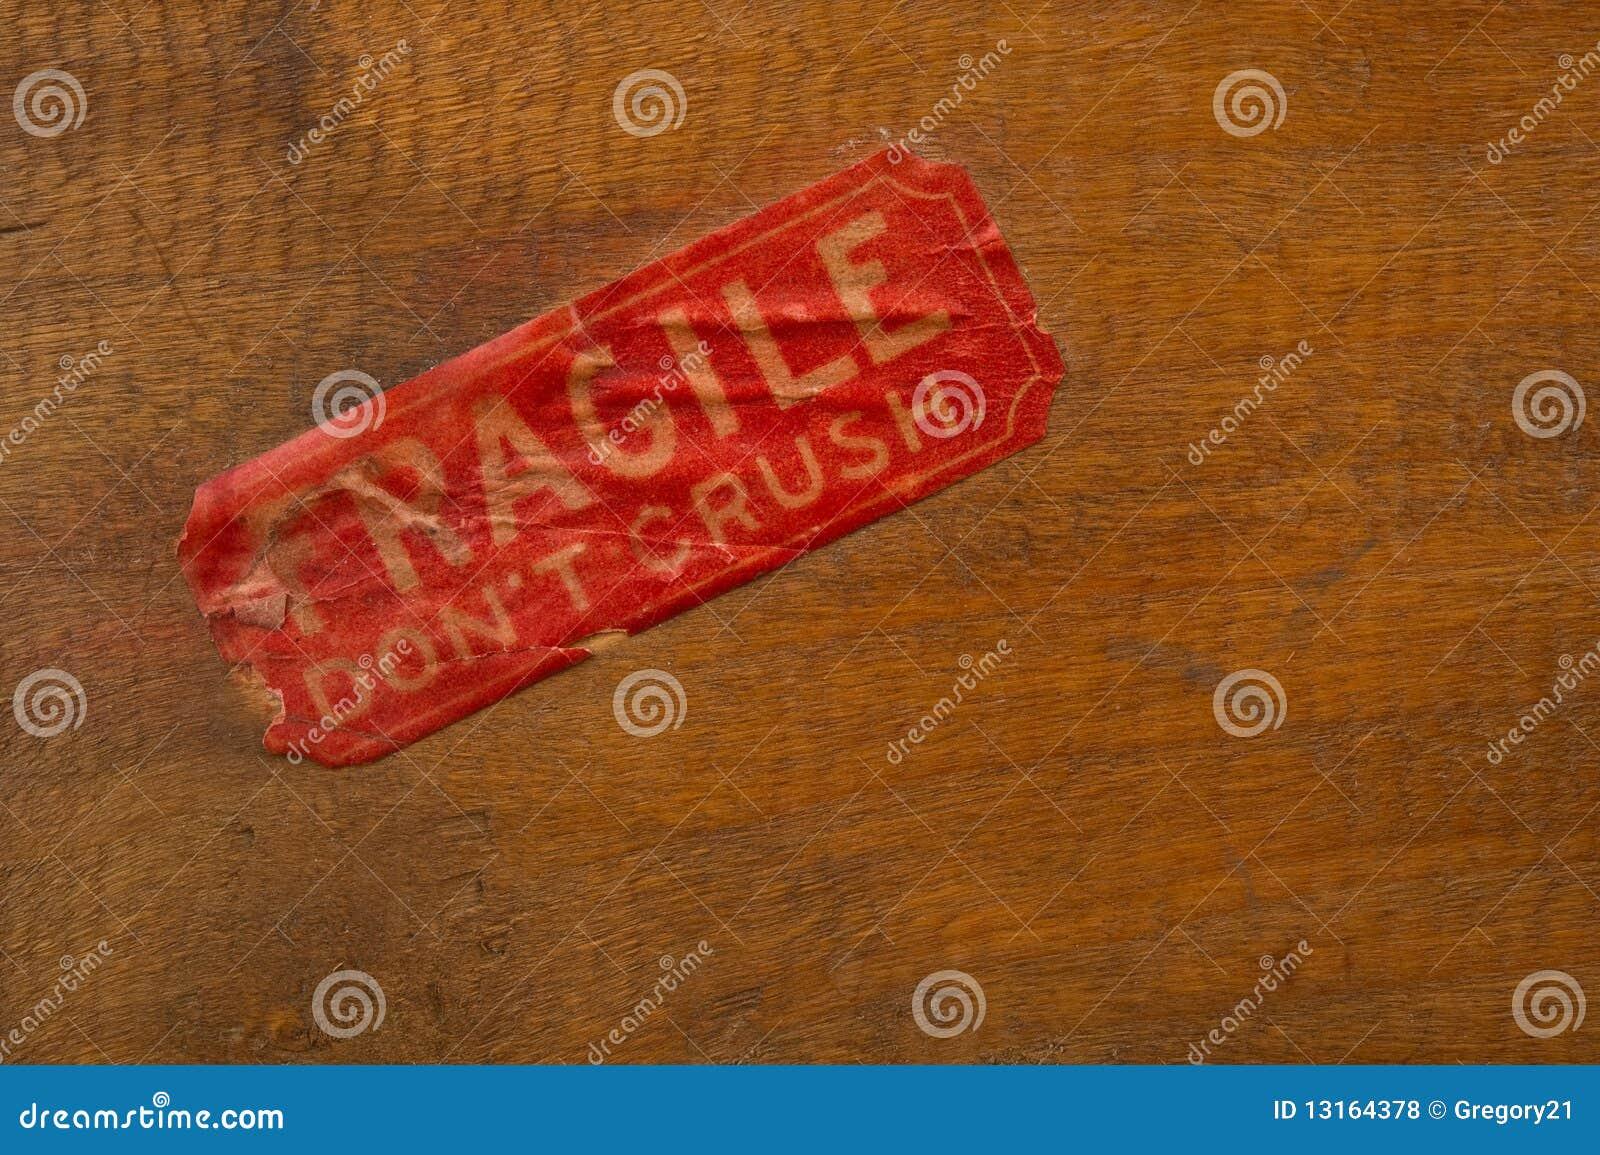 Fragile Label on Wood